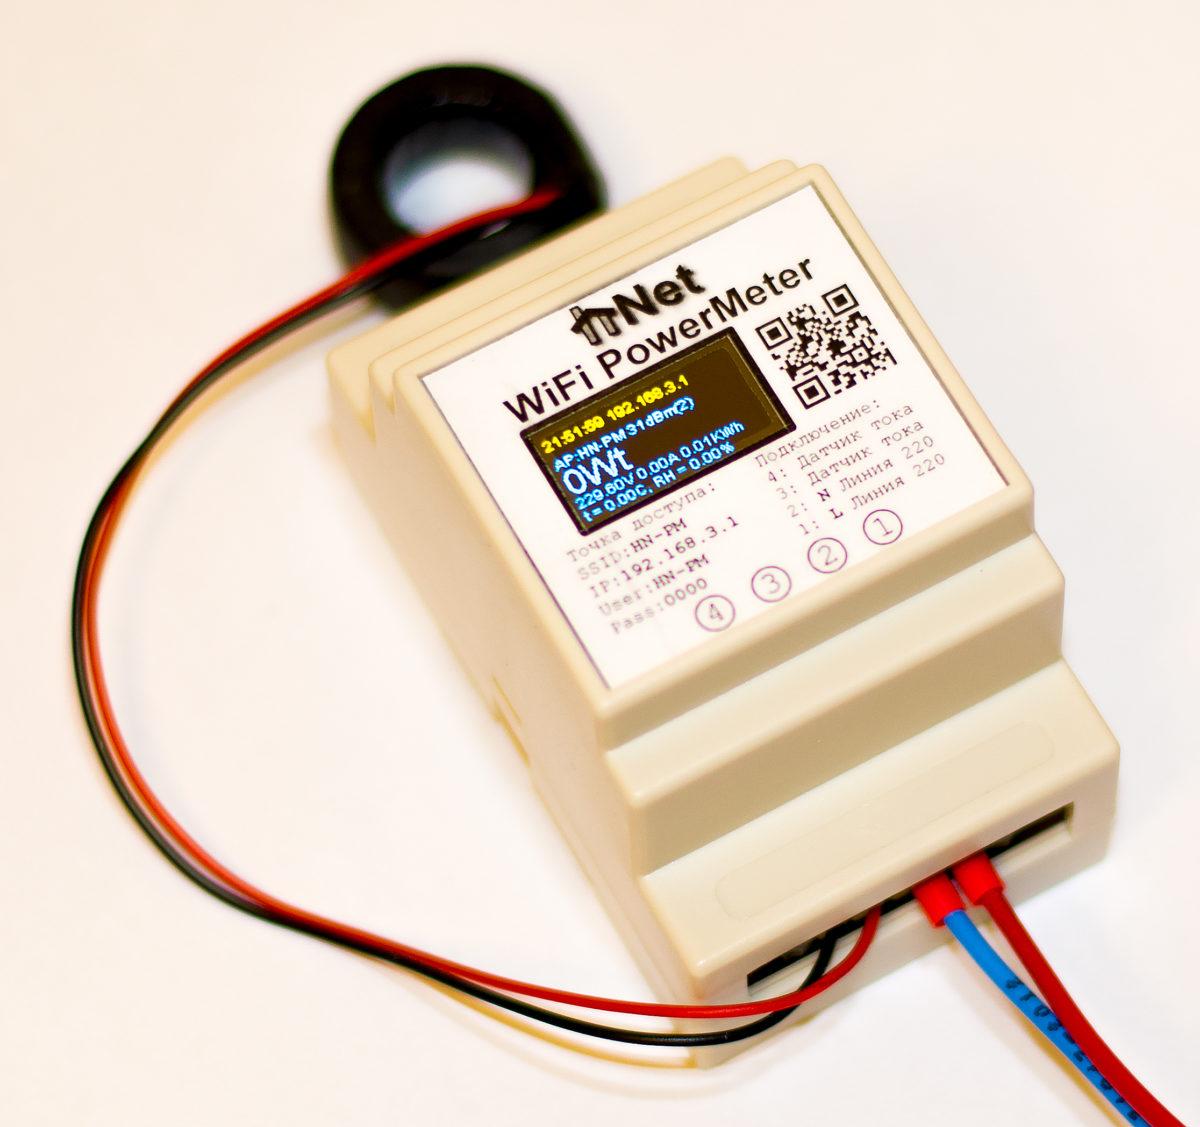 HN-PM1F002D